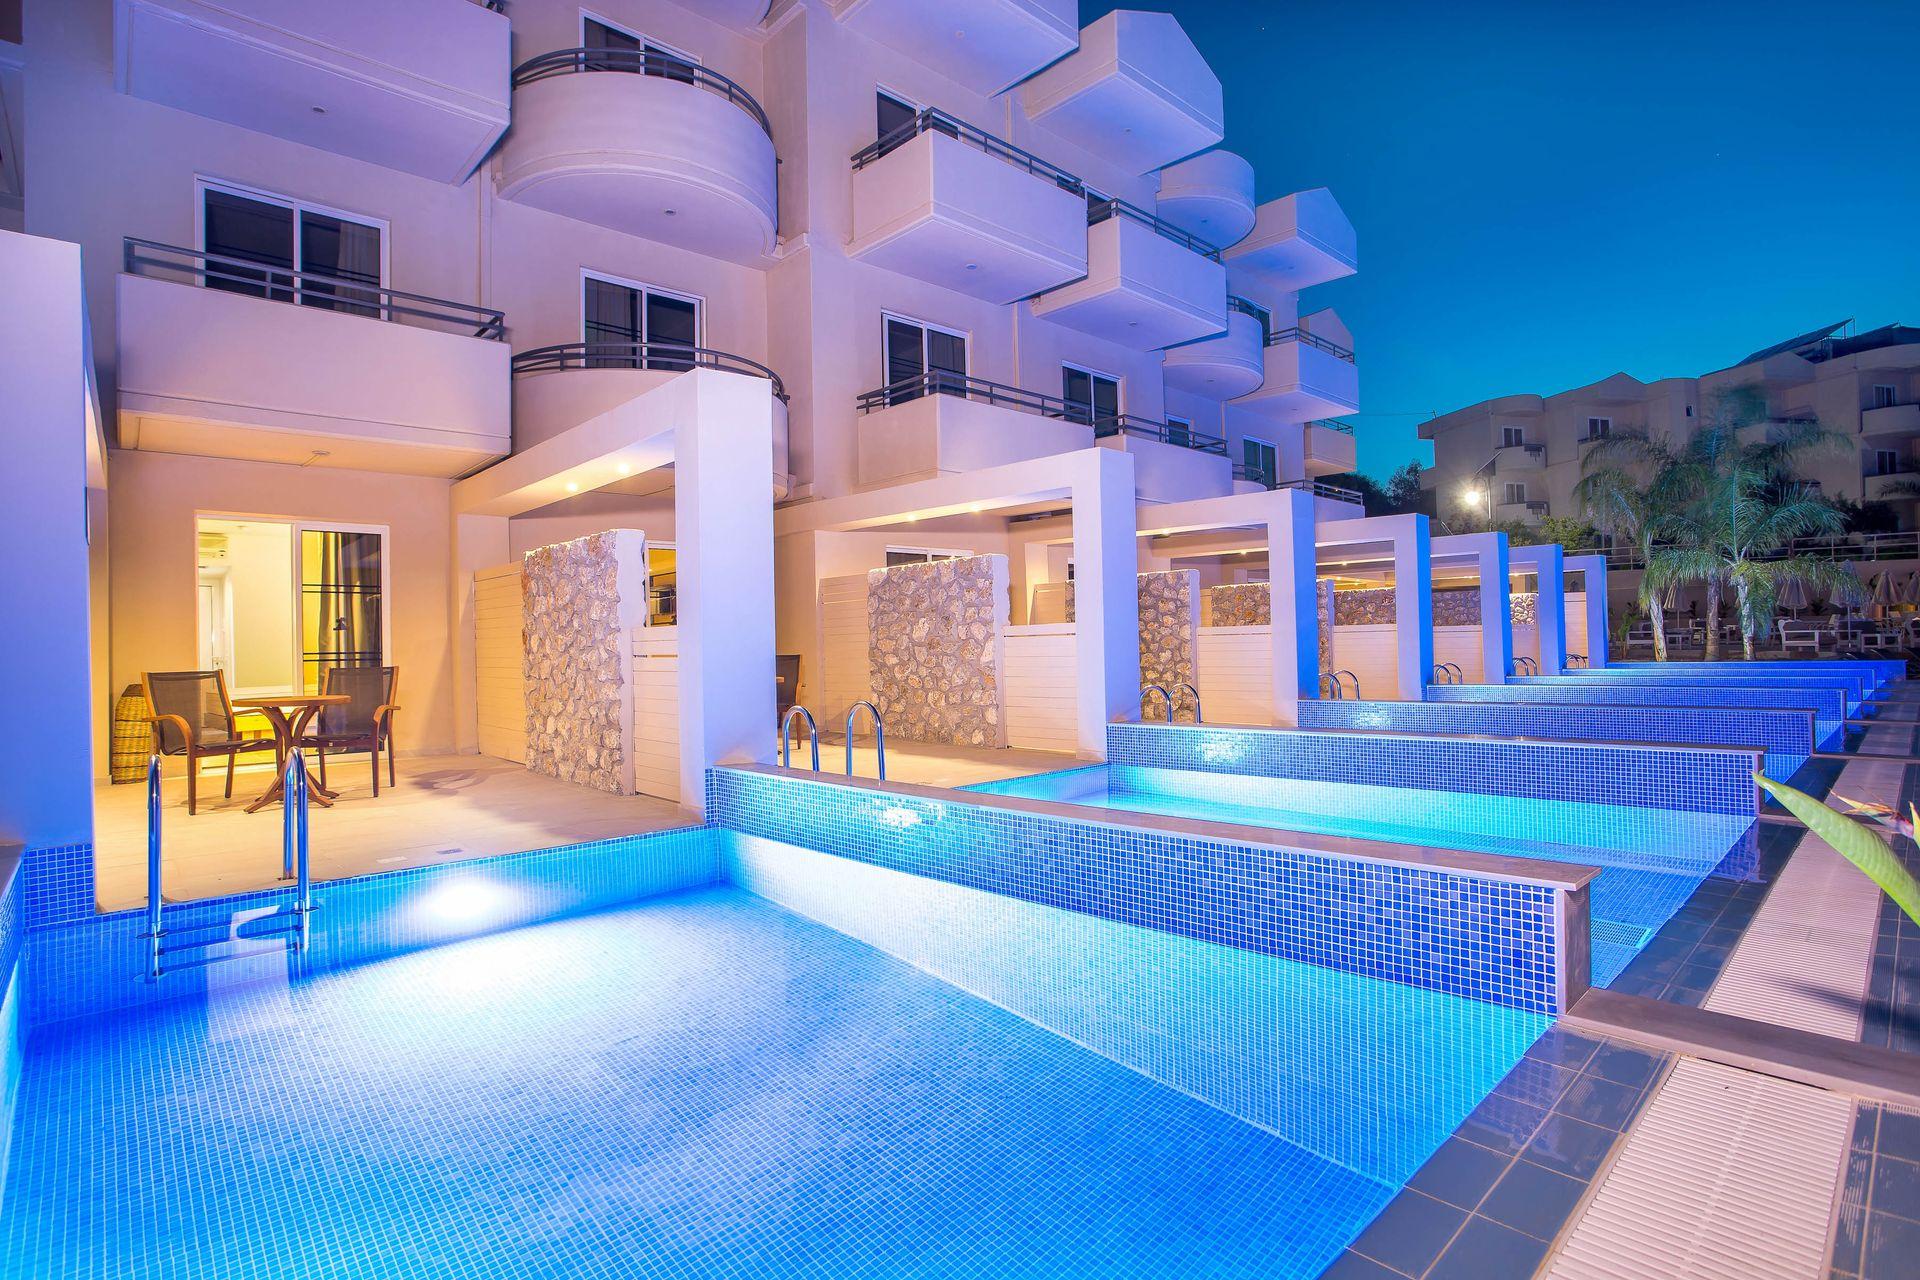 Venezia Resort Hotel Faliraki Rhodes Greece Book Online